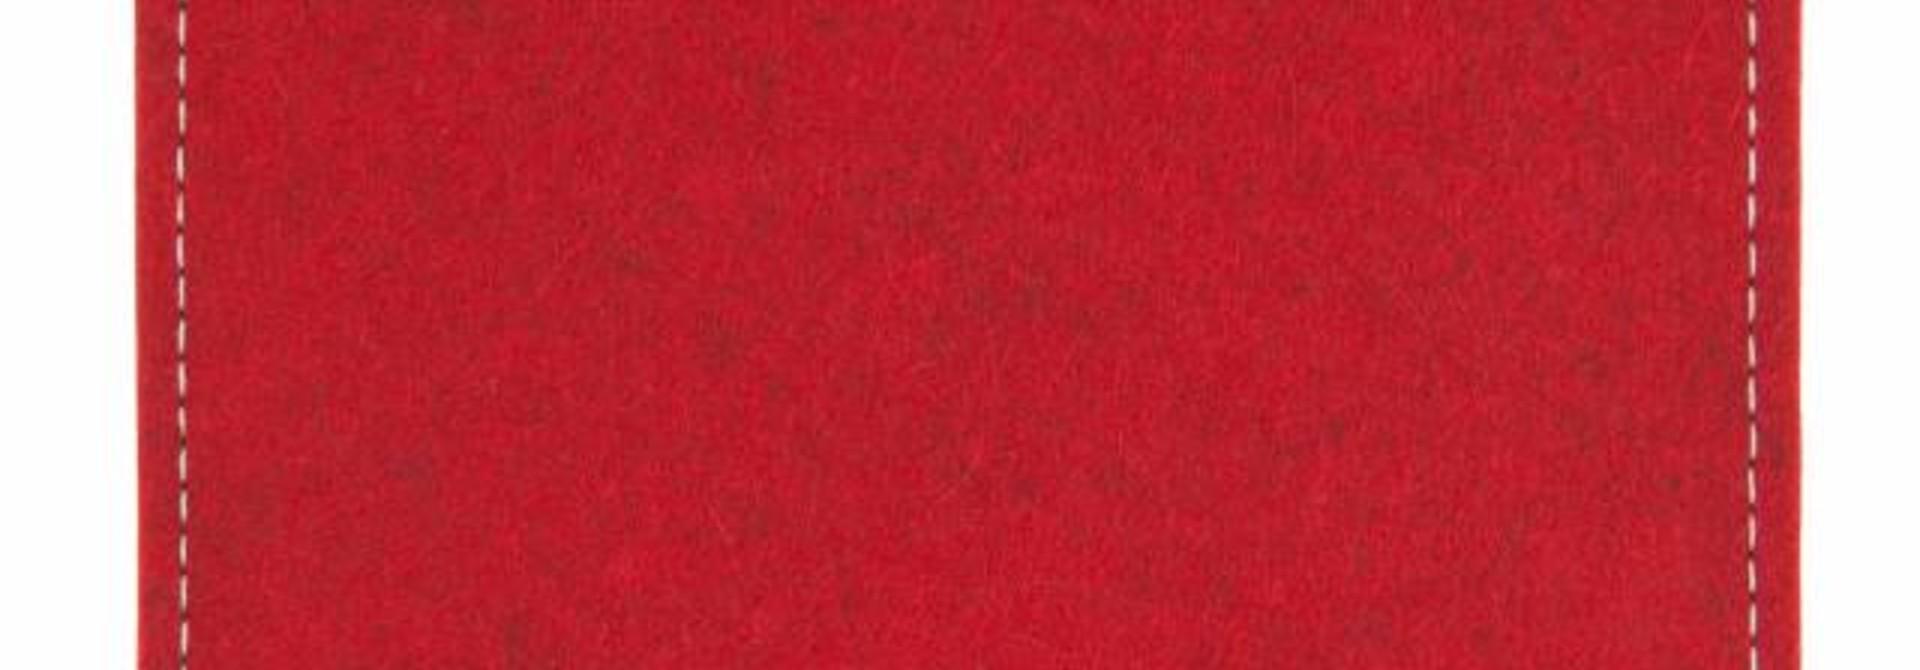 Swift / Spin Sleeve Kirschrot